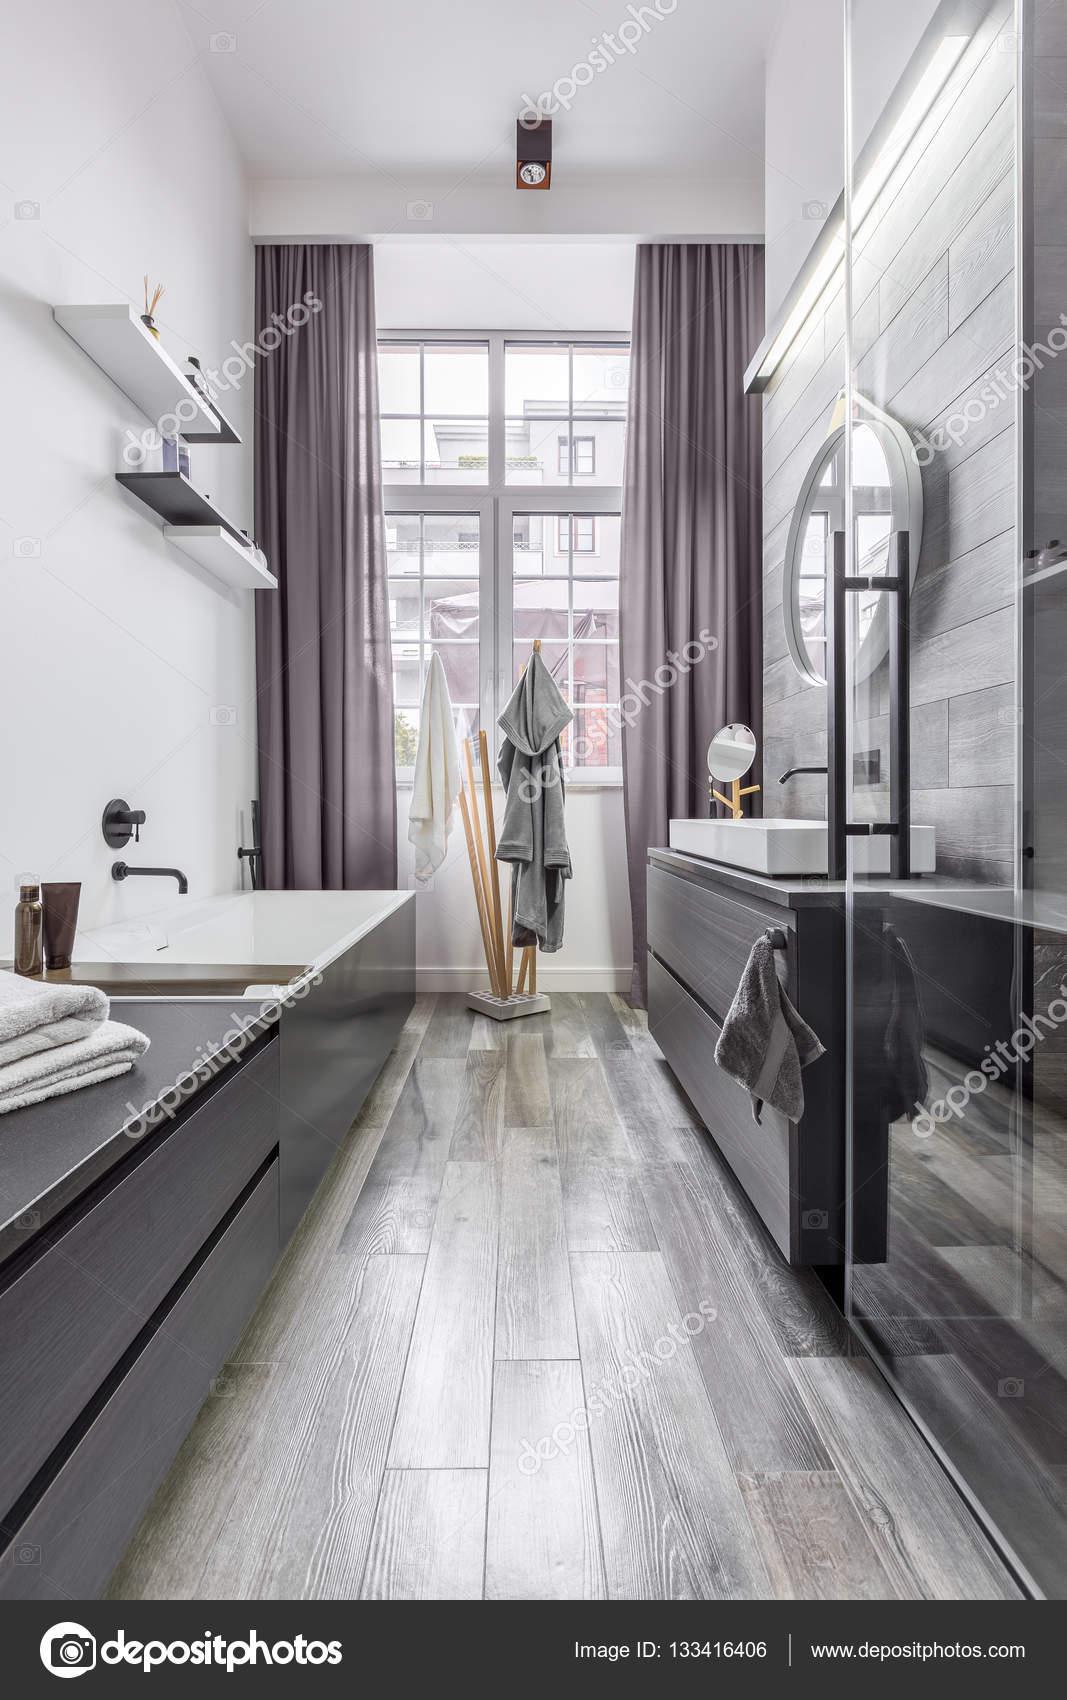 łazienka Jest Obłożona Płytkami Imitacja Drewna Zdjęcie